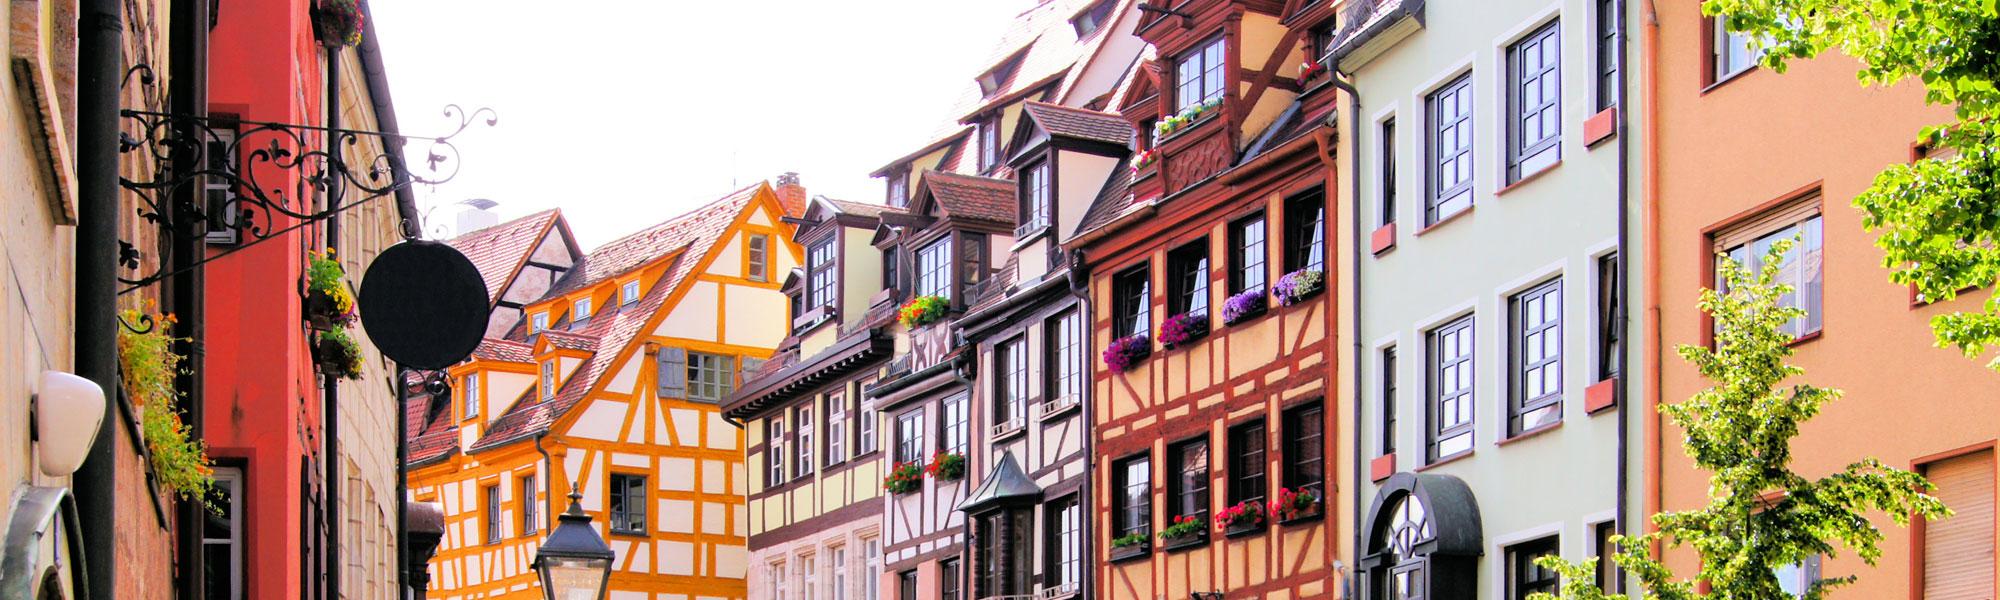 Altstadt - Reisekombi